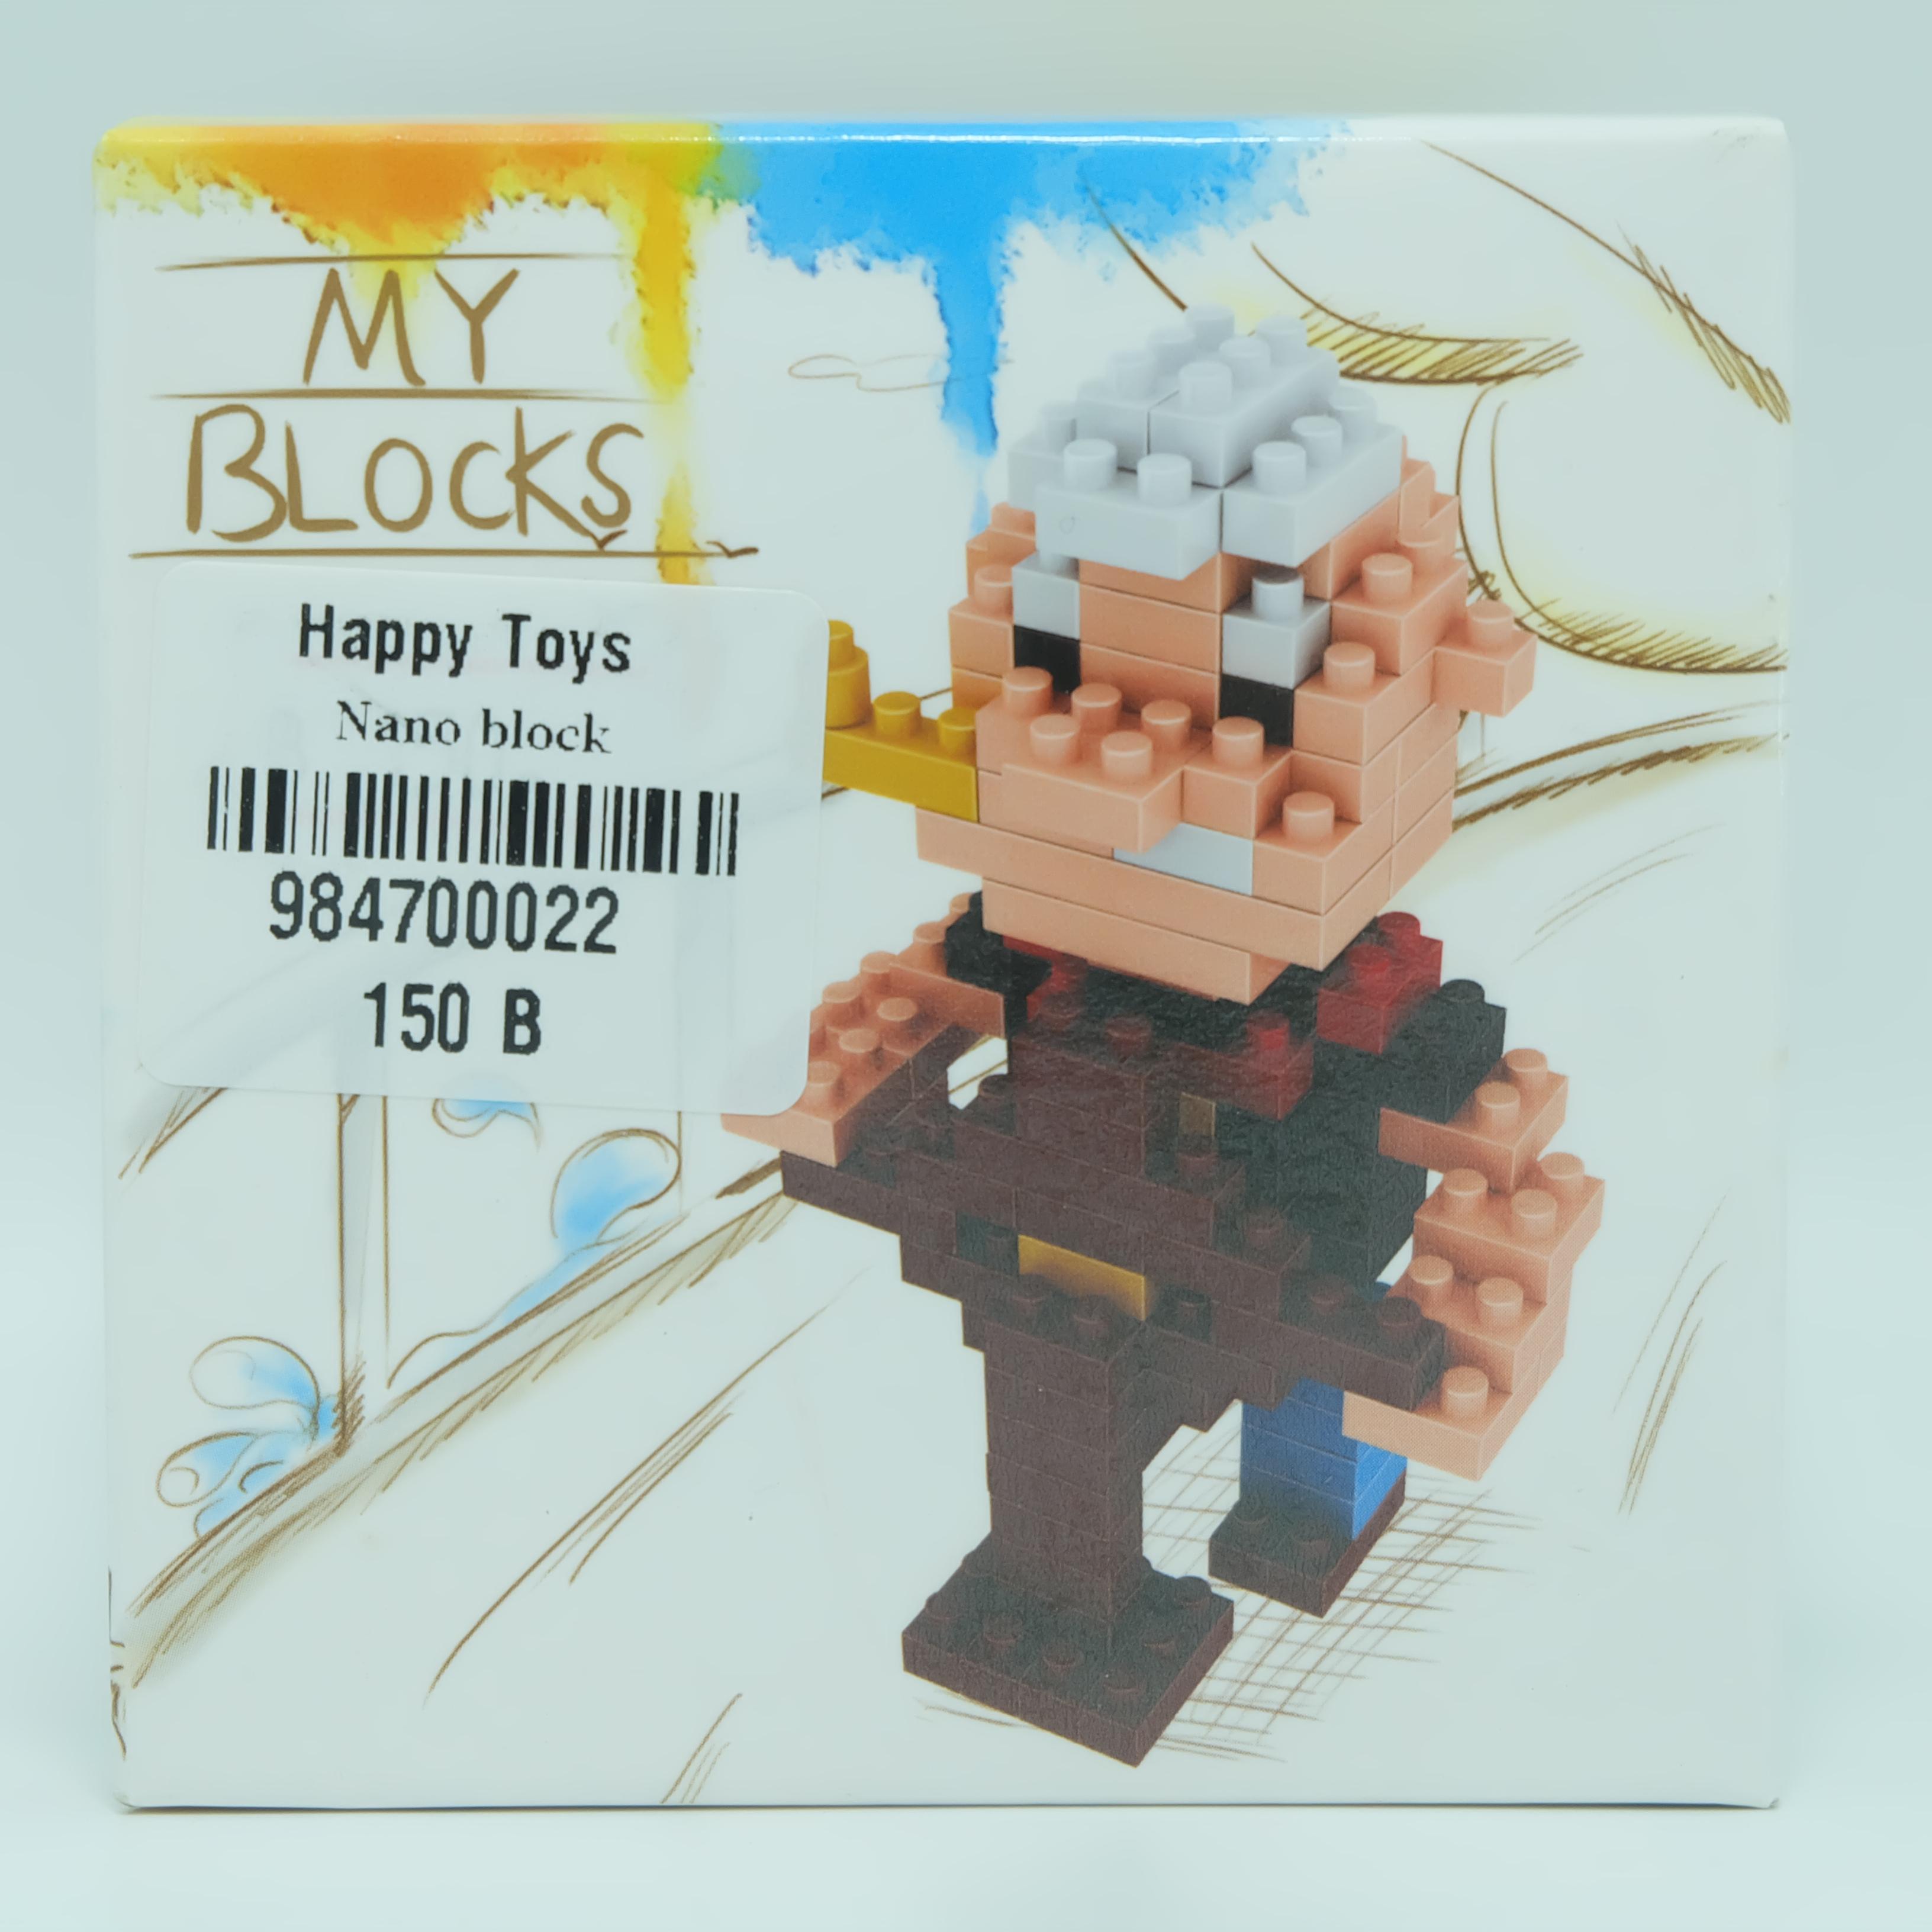 ืLEGO จิ๋ว Mini Lego Nano Block เลโก้จิ้วเปลี่ยนแบบได้ถึง 3 แบบในตัวเดียว